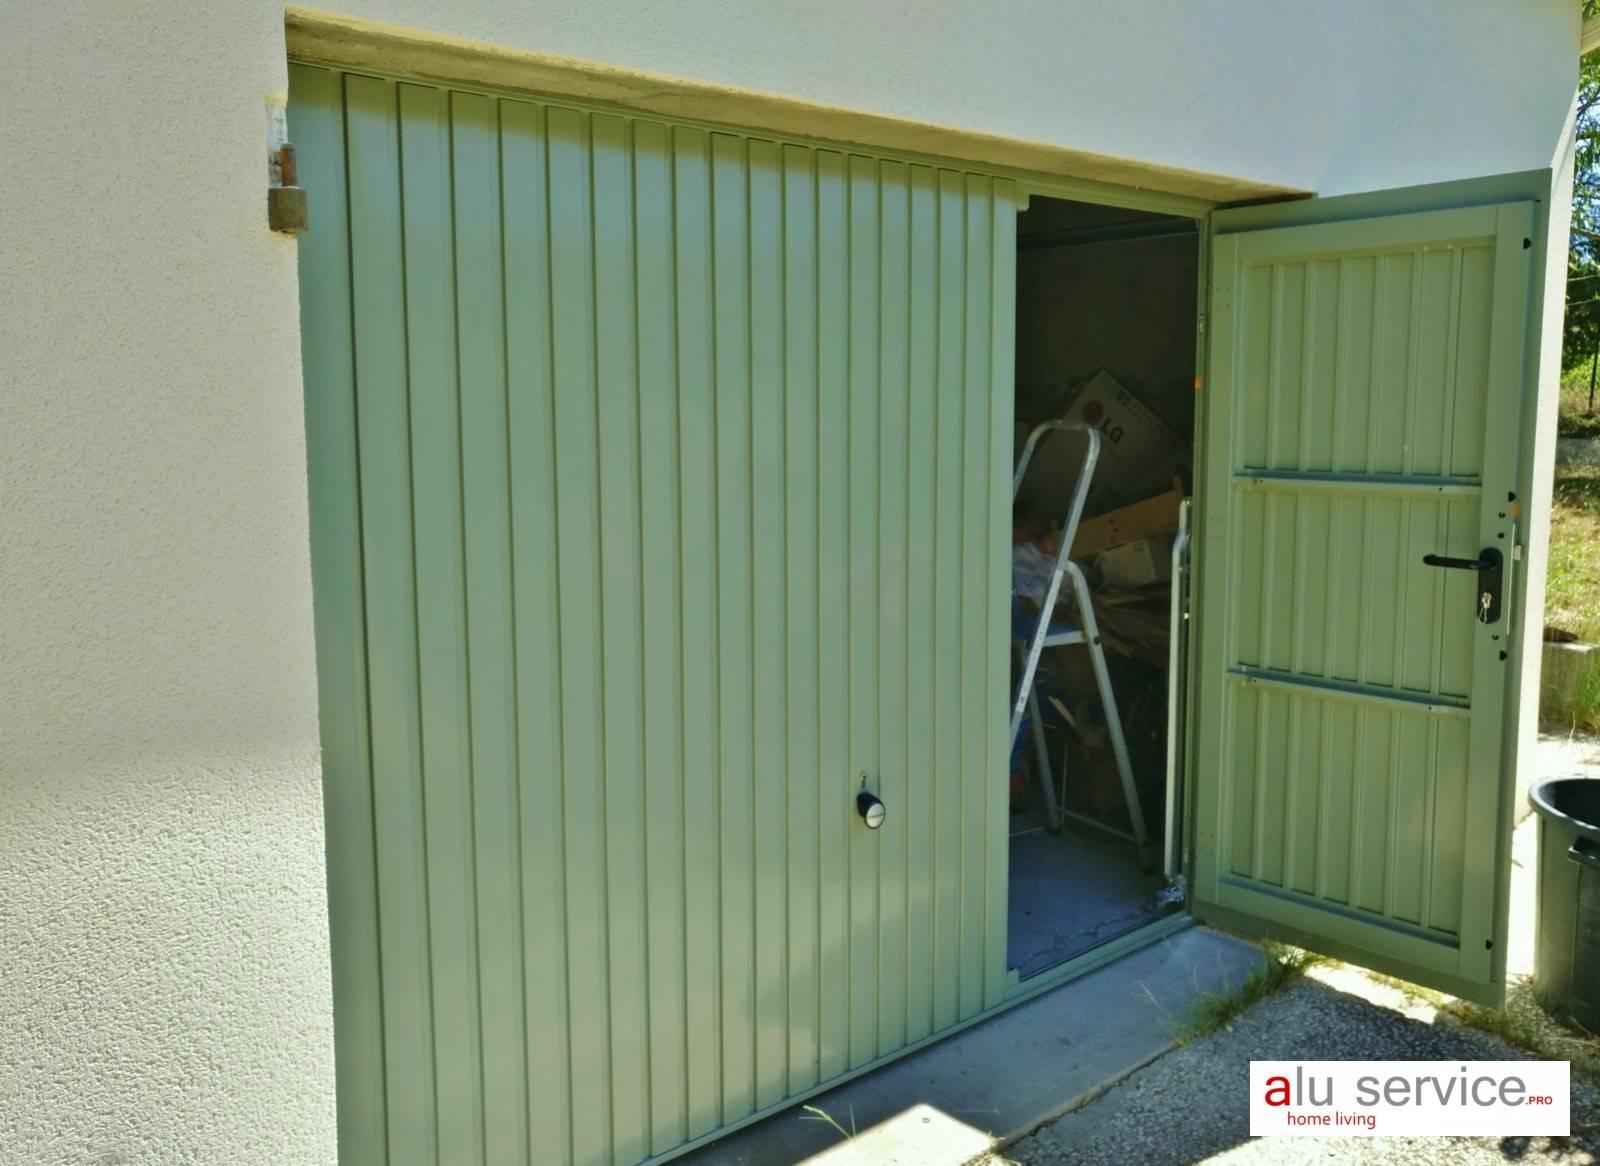 R alisation porte de garage basculante avec portillon hormann martigues pose de moustiquaire - Porte garage basculante sur mesure ...